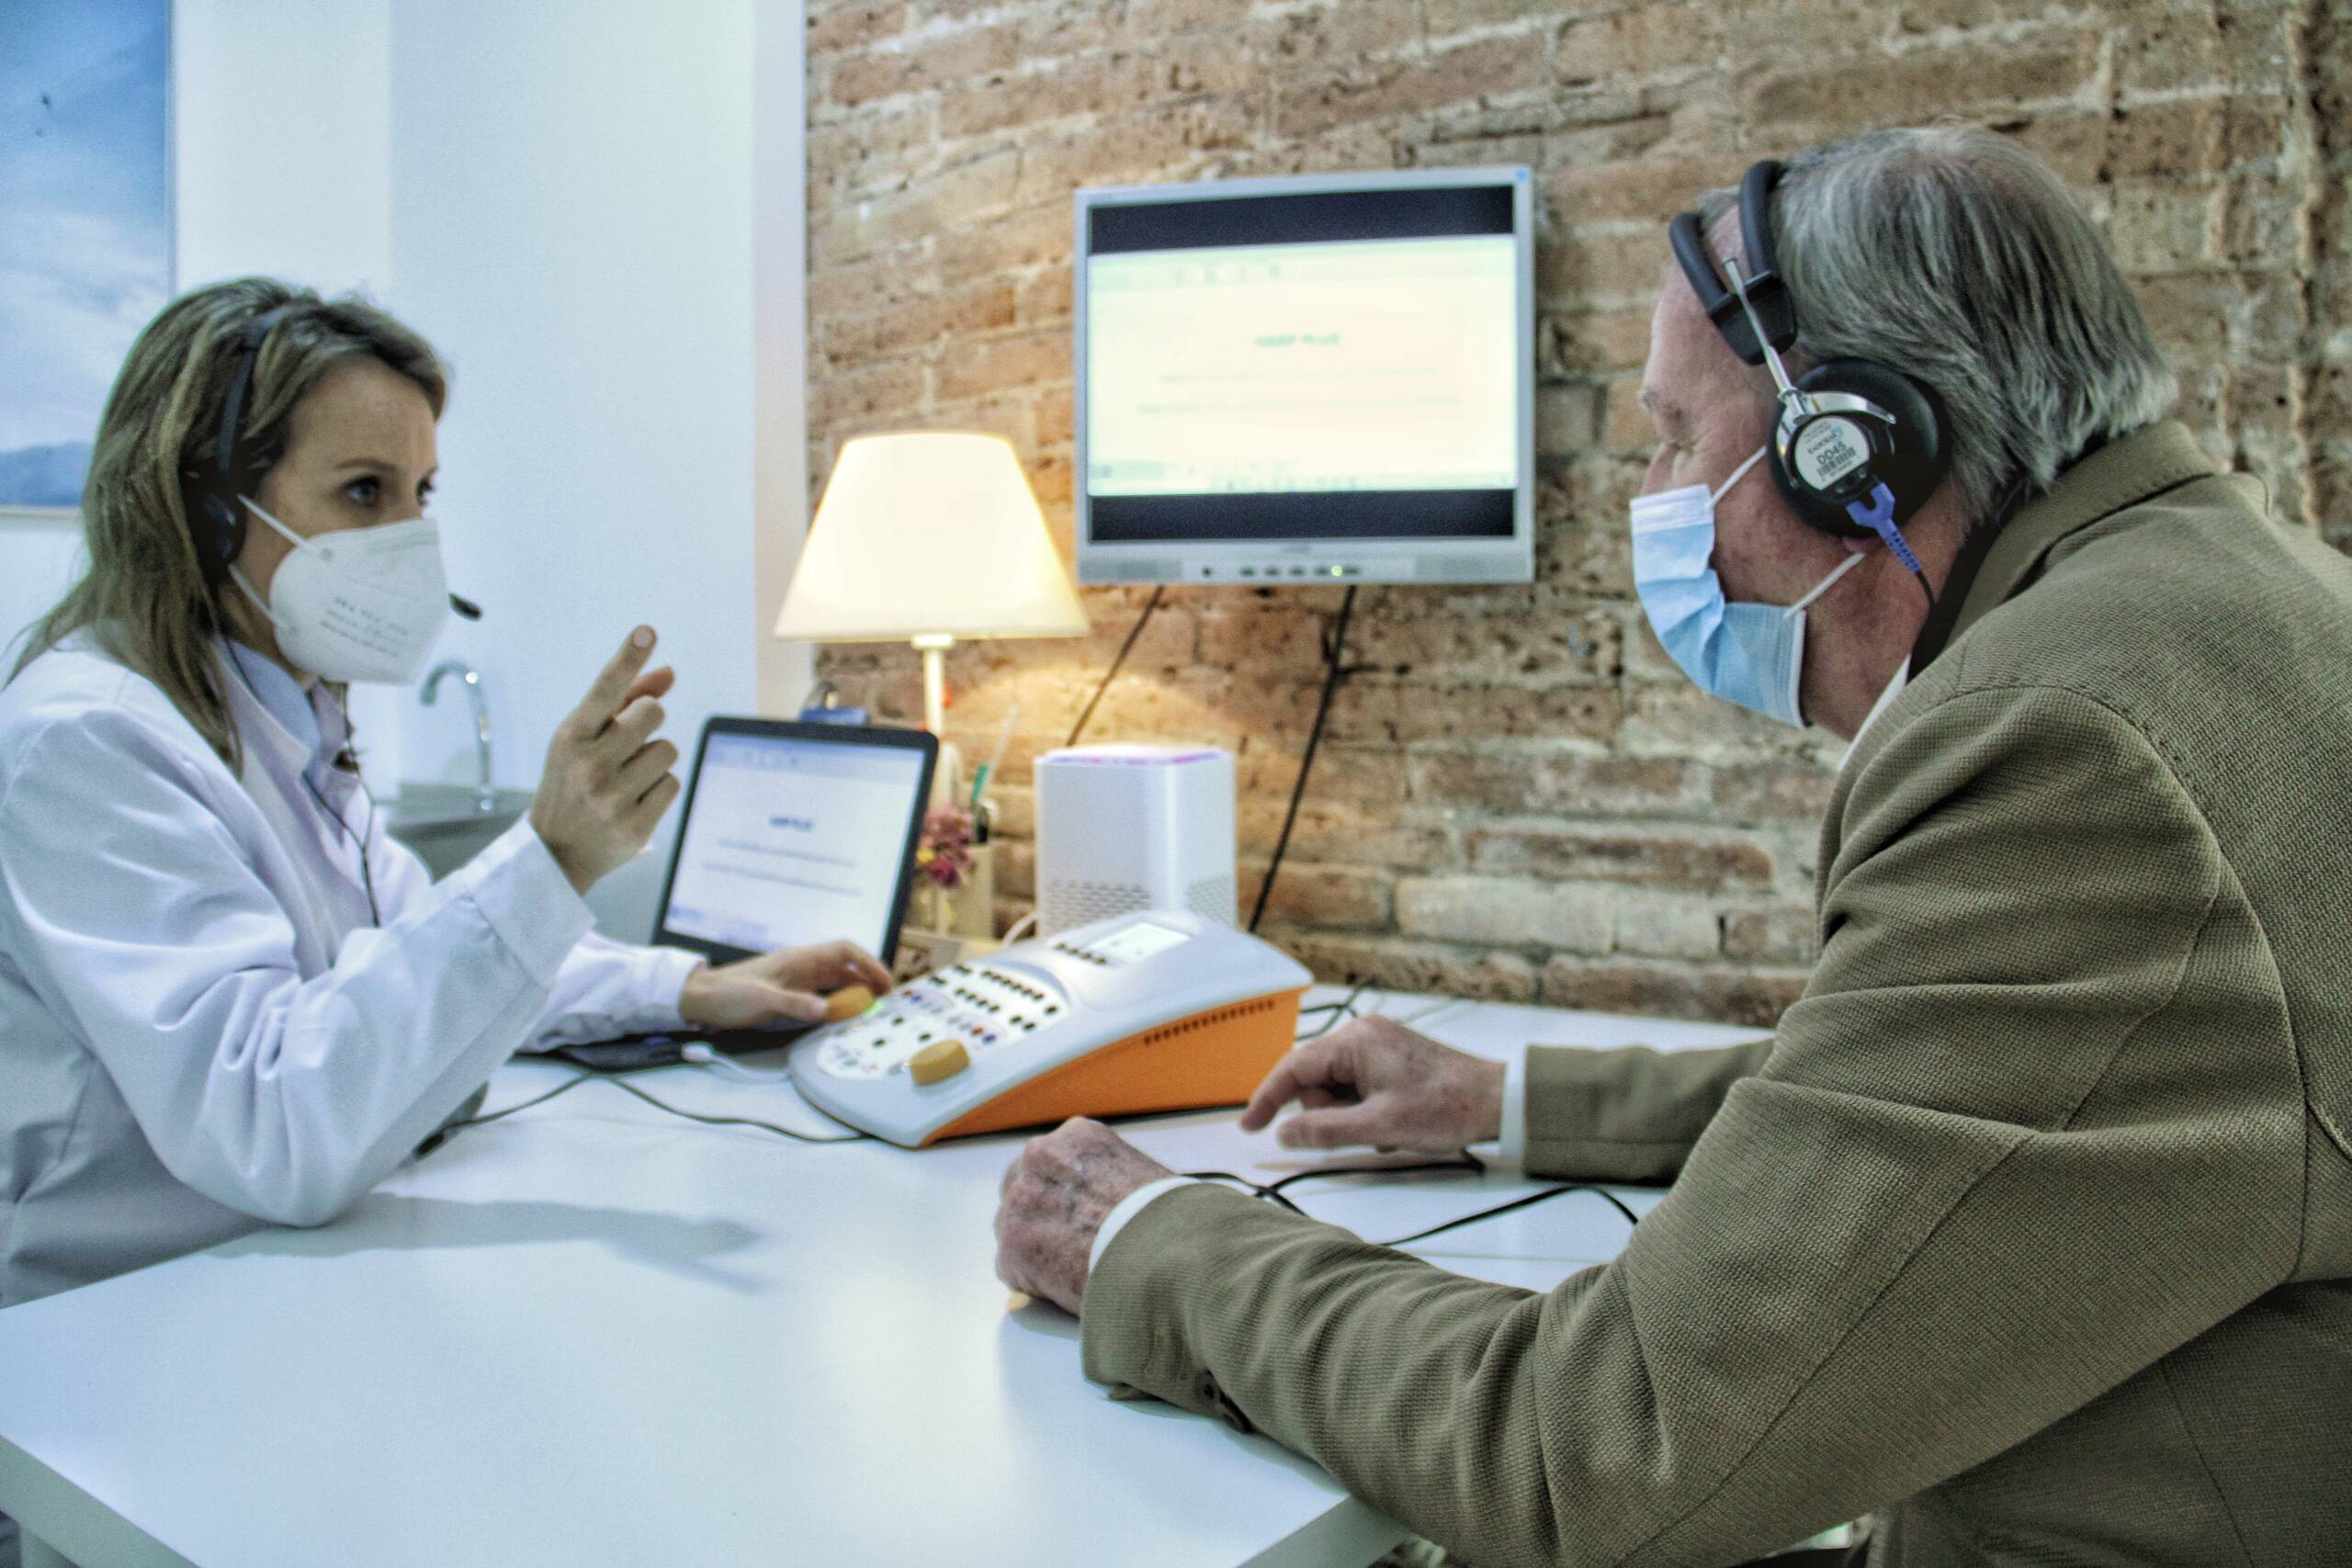 Para detectar problemas auditivos es básico realizar una audiometría anualmente